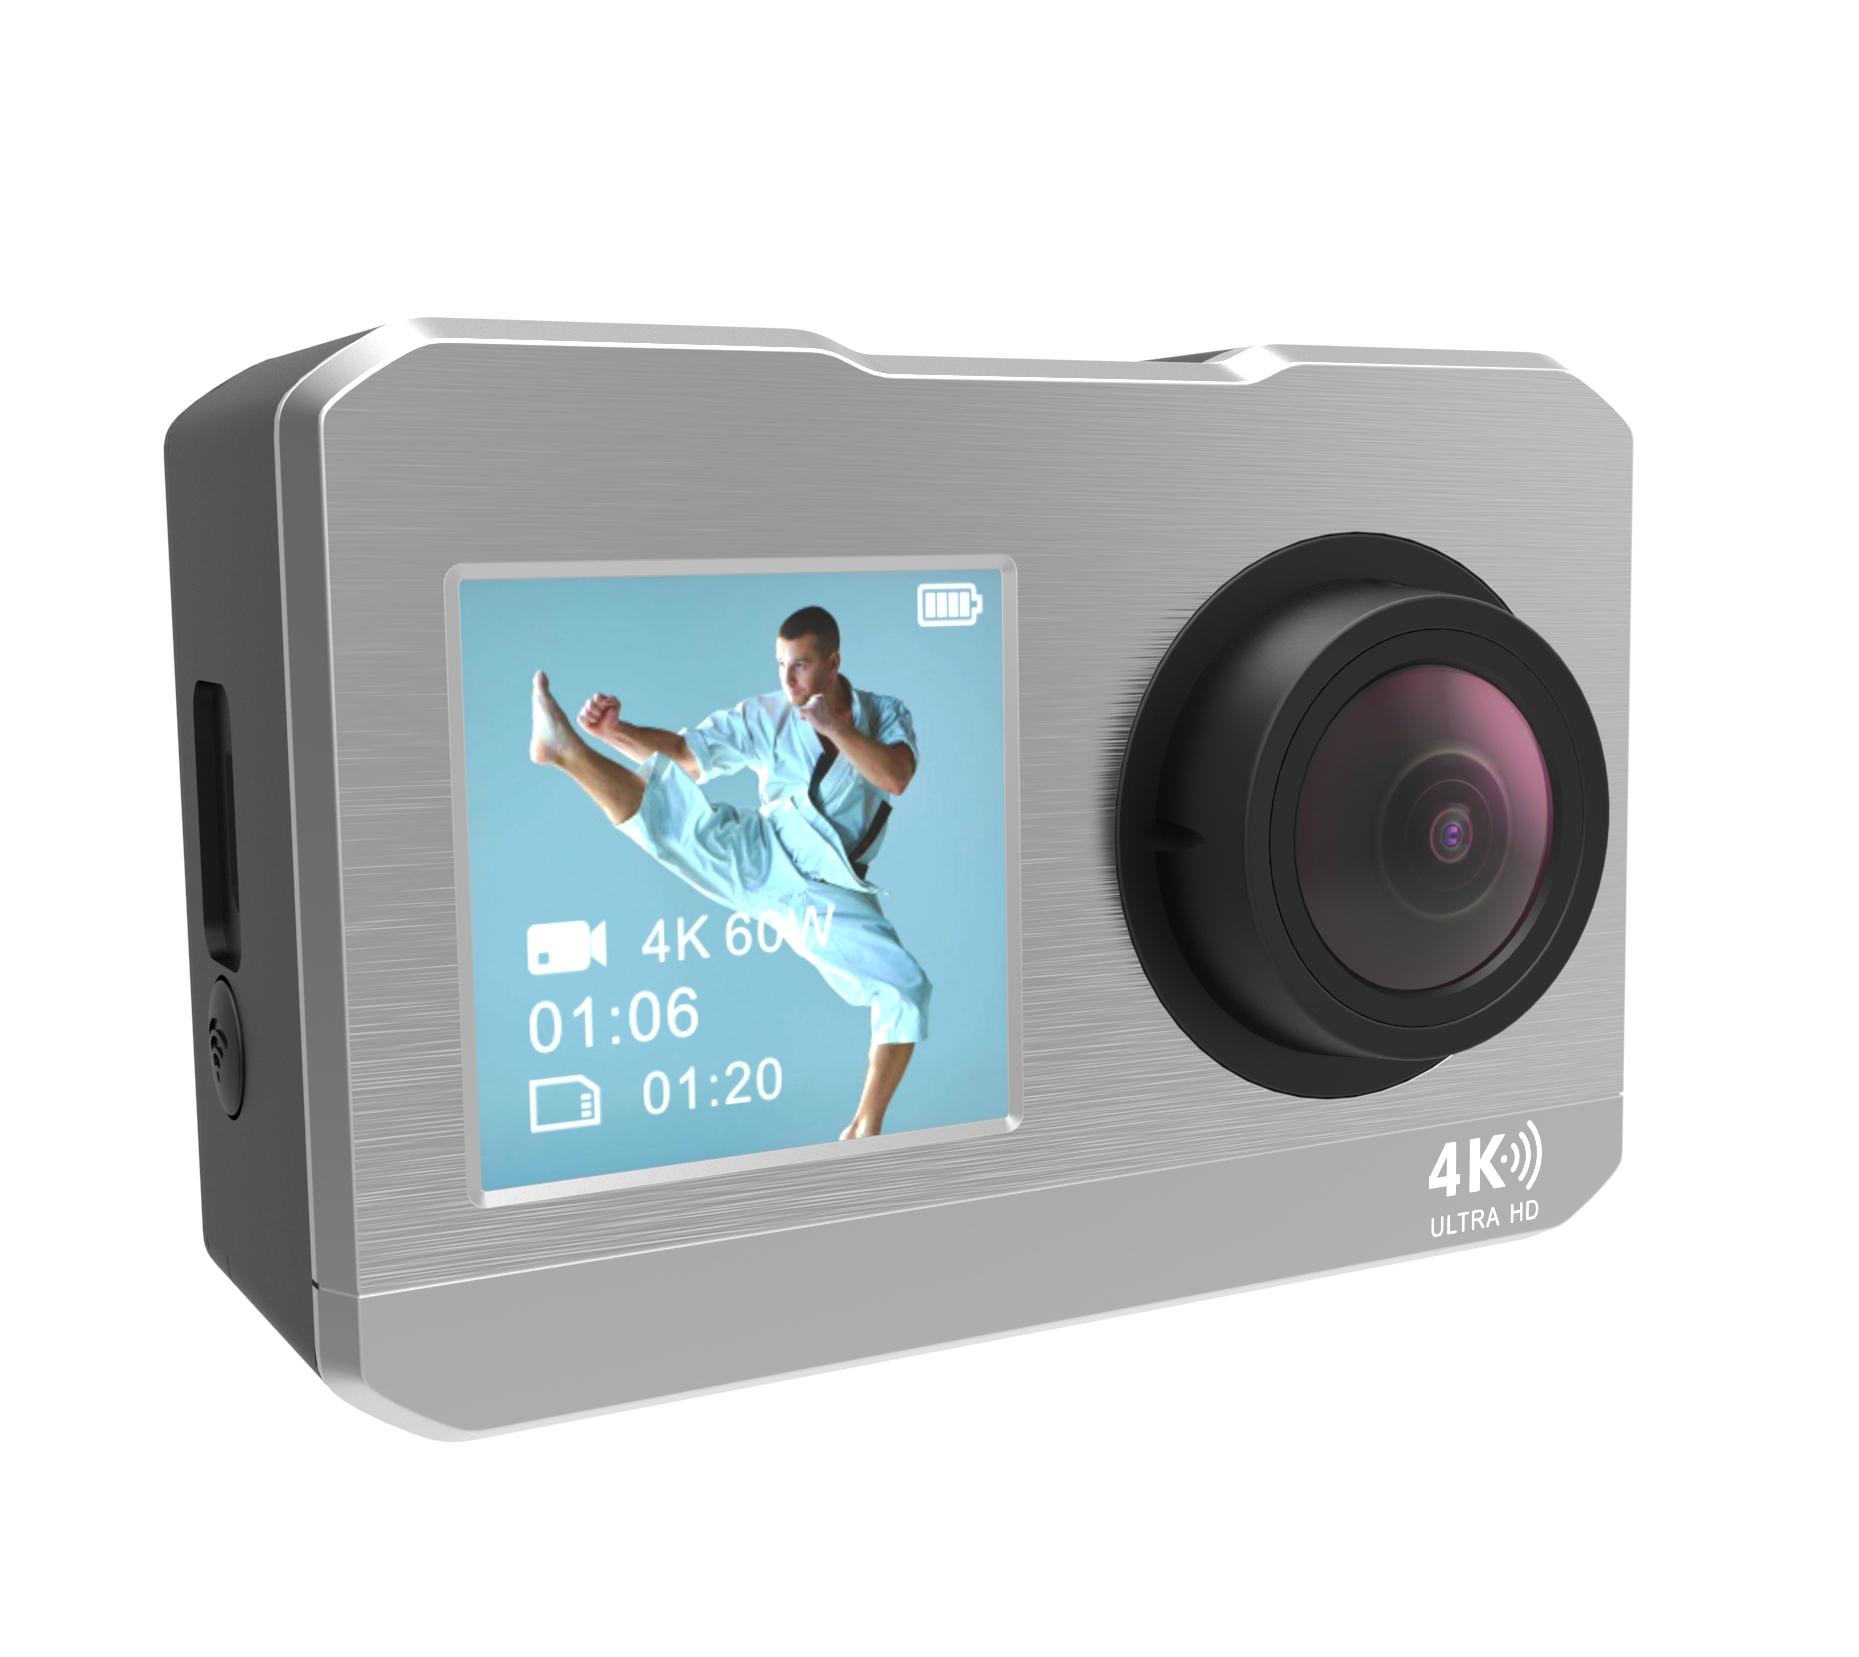 Impermeable Wifi HD Selfie Cámara de Acción 4 K con Control remoto en precio de fábrica en - ANKUX Tech Co., Ltd